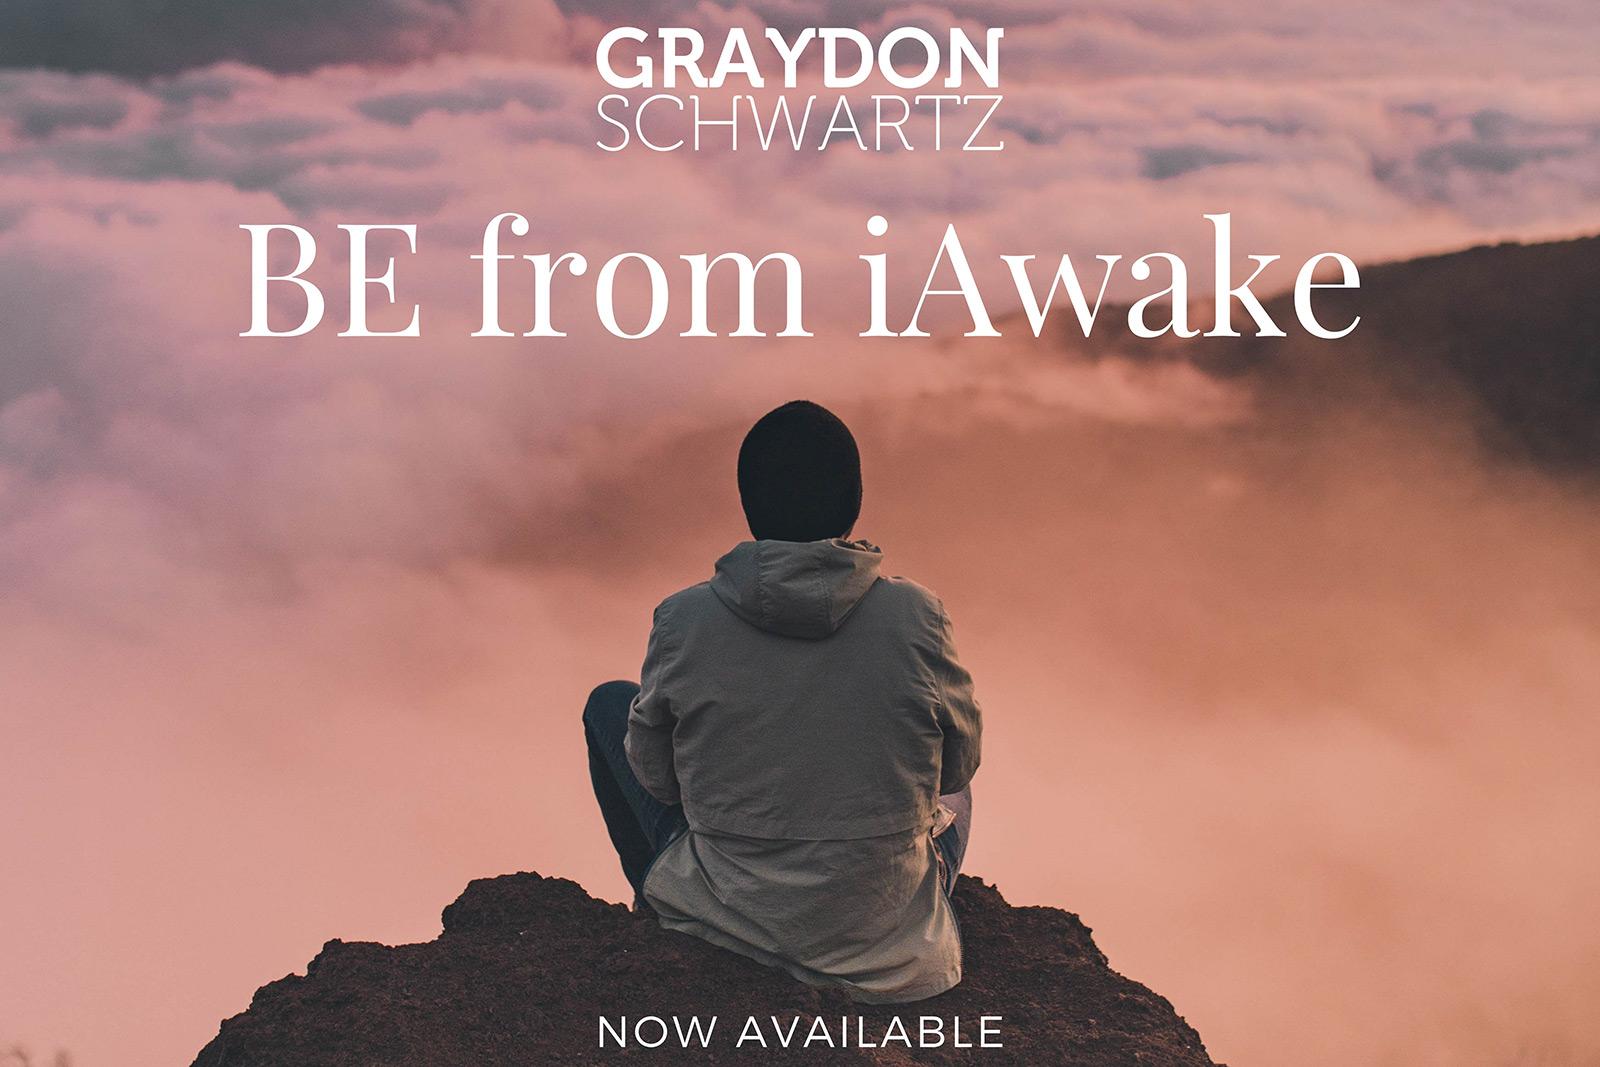 BE von iAwake